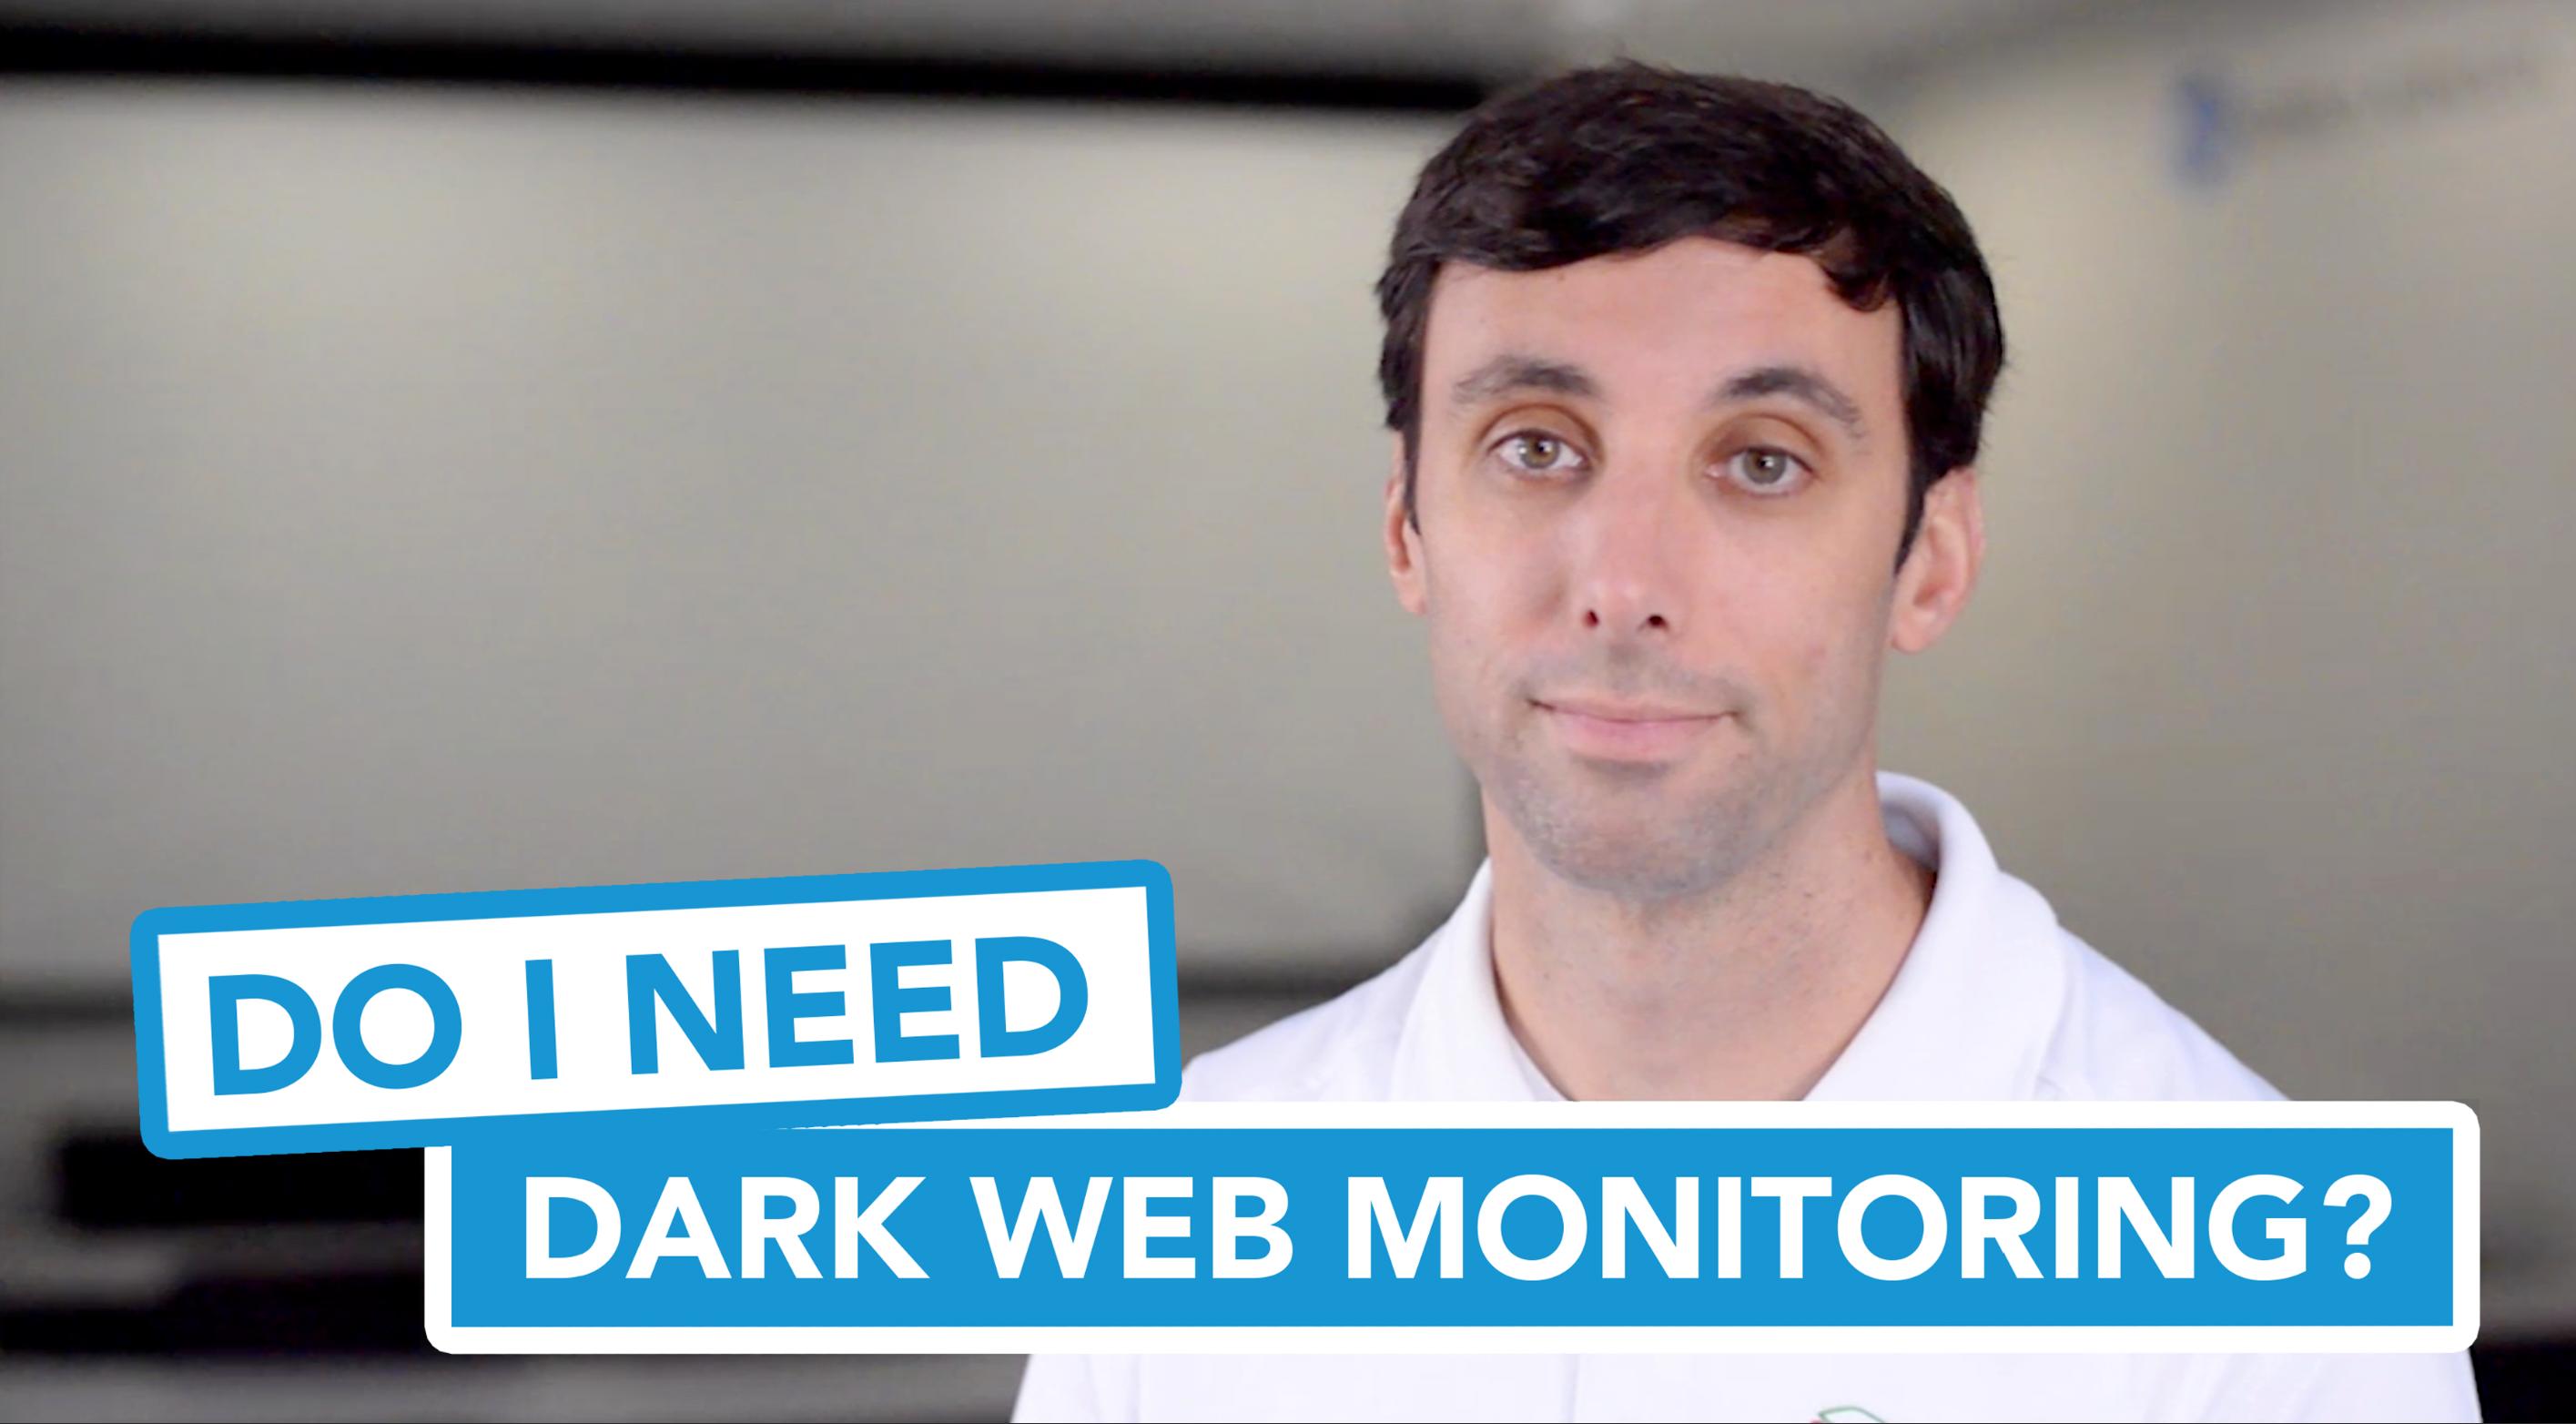 Do I Need Dark Web Monitoring?